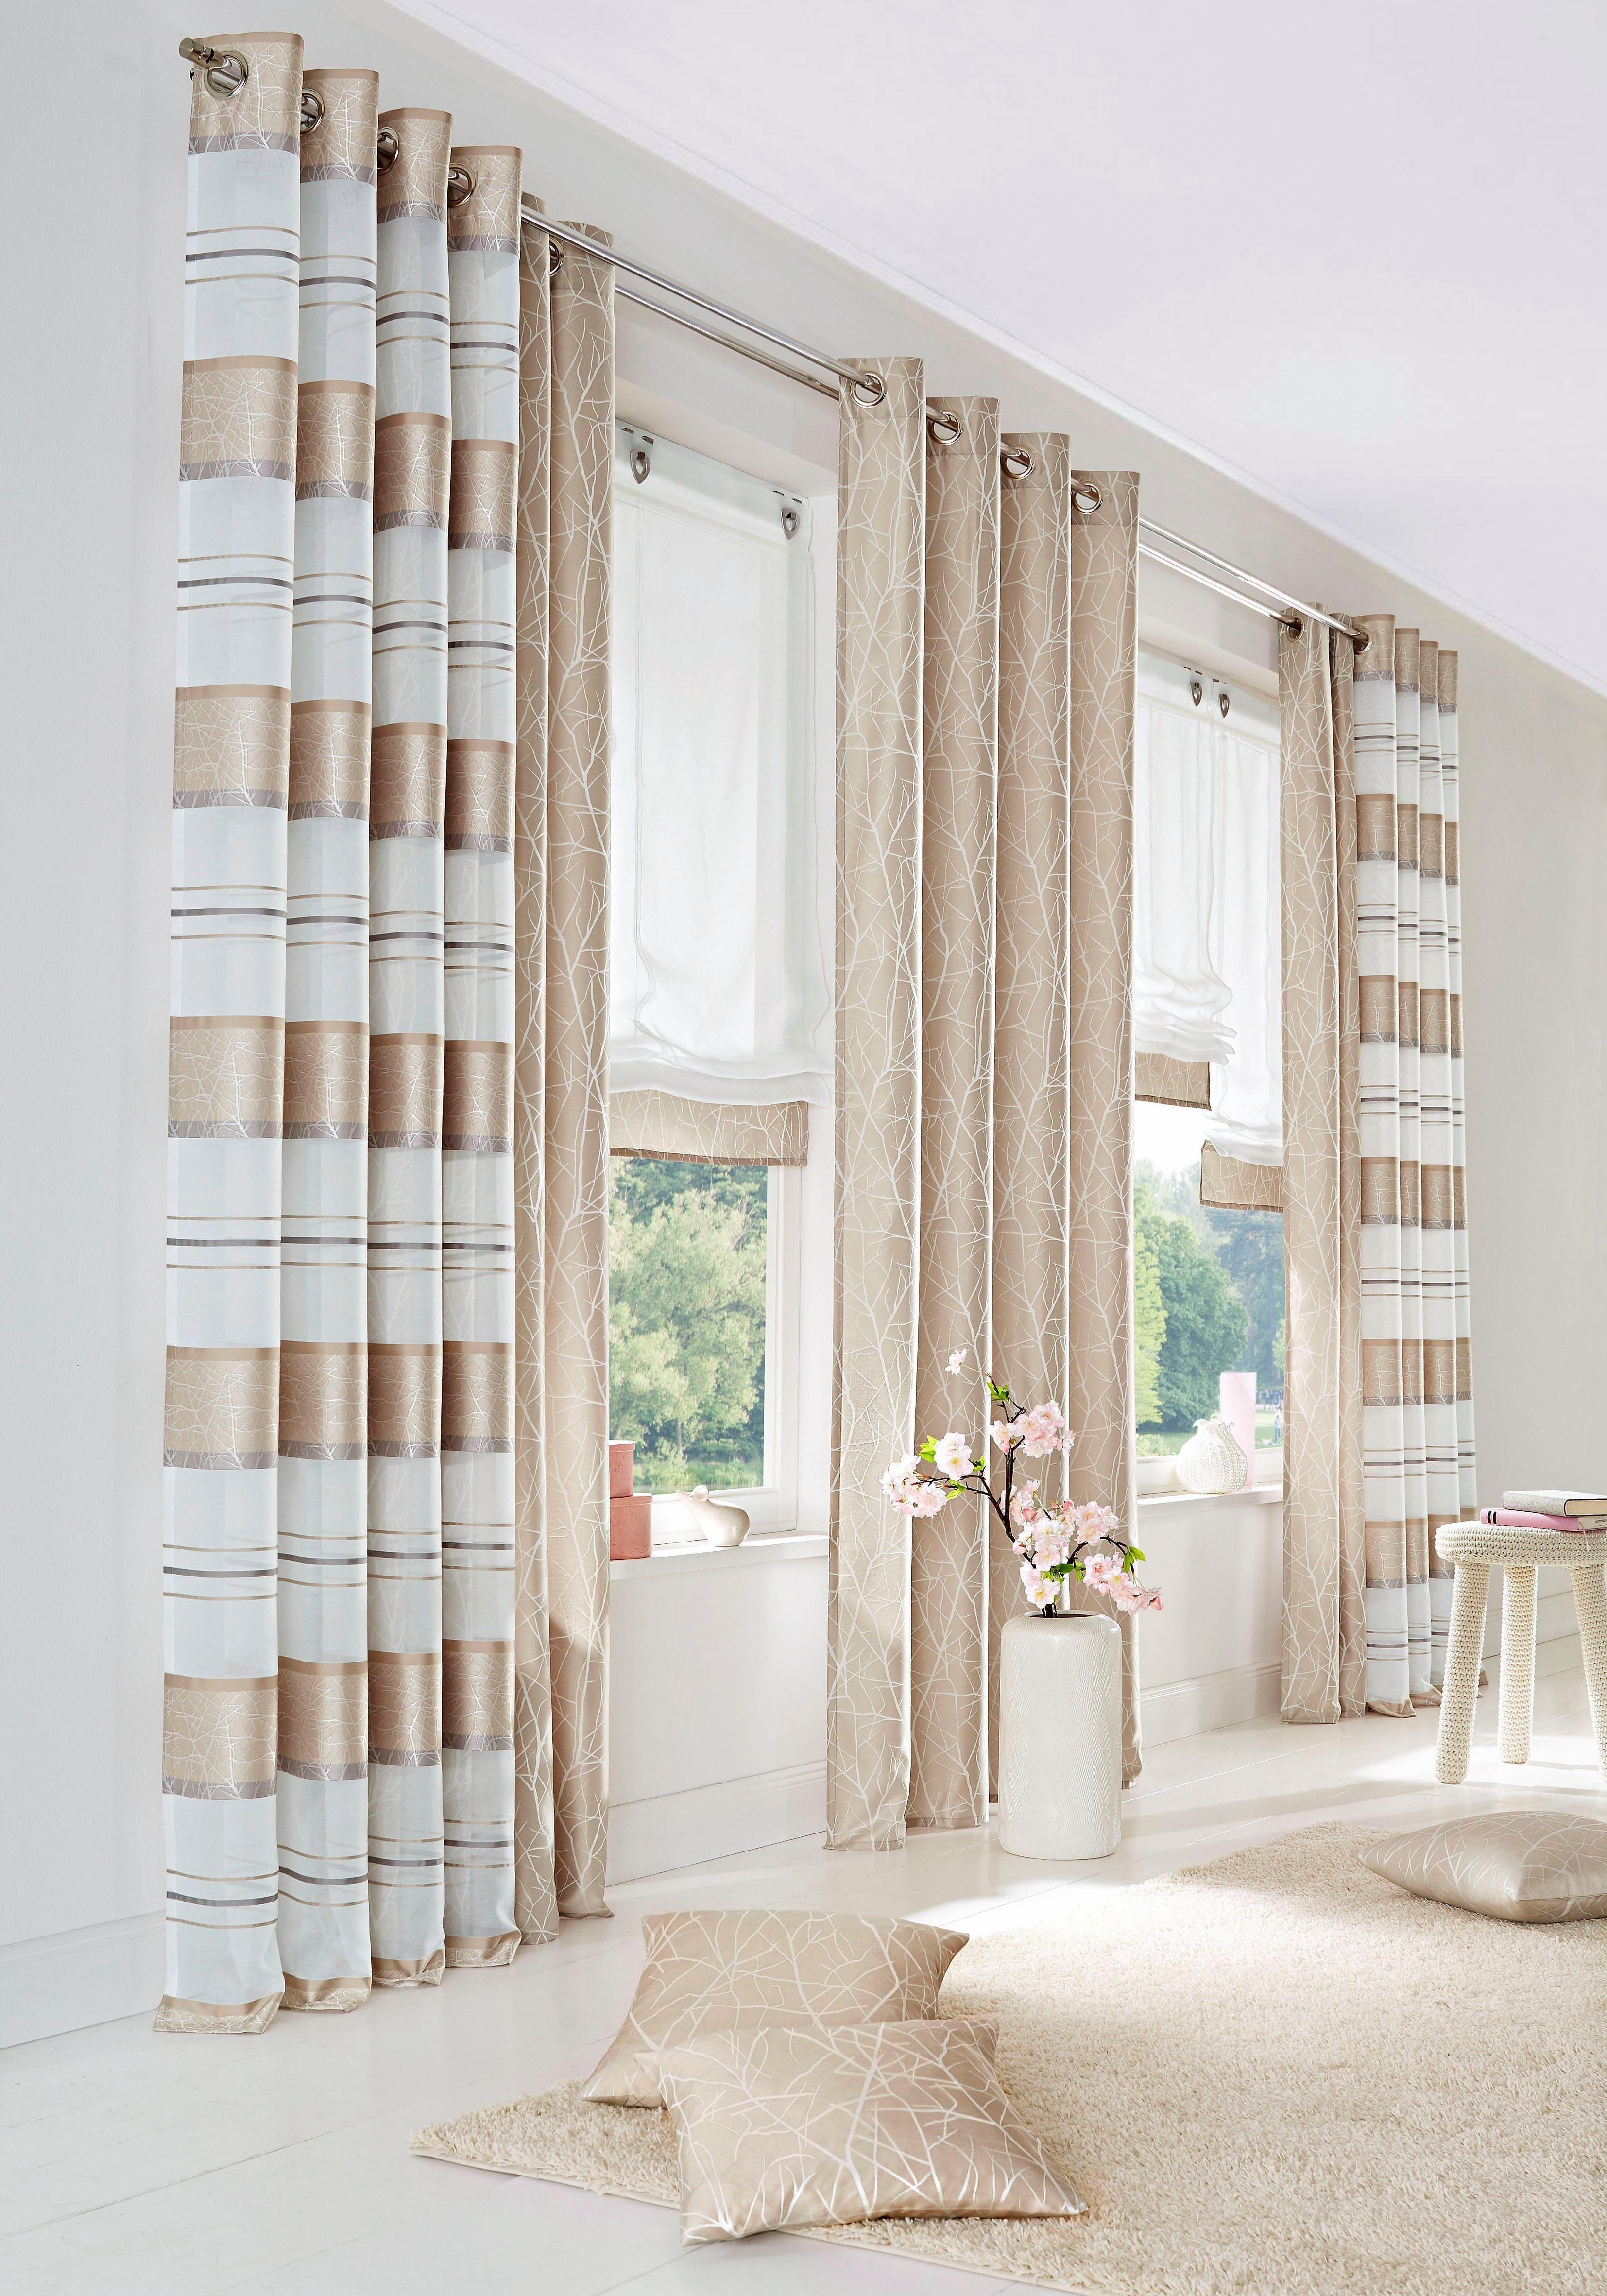 Home Wohnideen Gardine Campos Auf Rechnung Baur Wohnen Home Wohnideen Gardinen